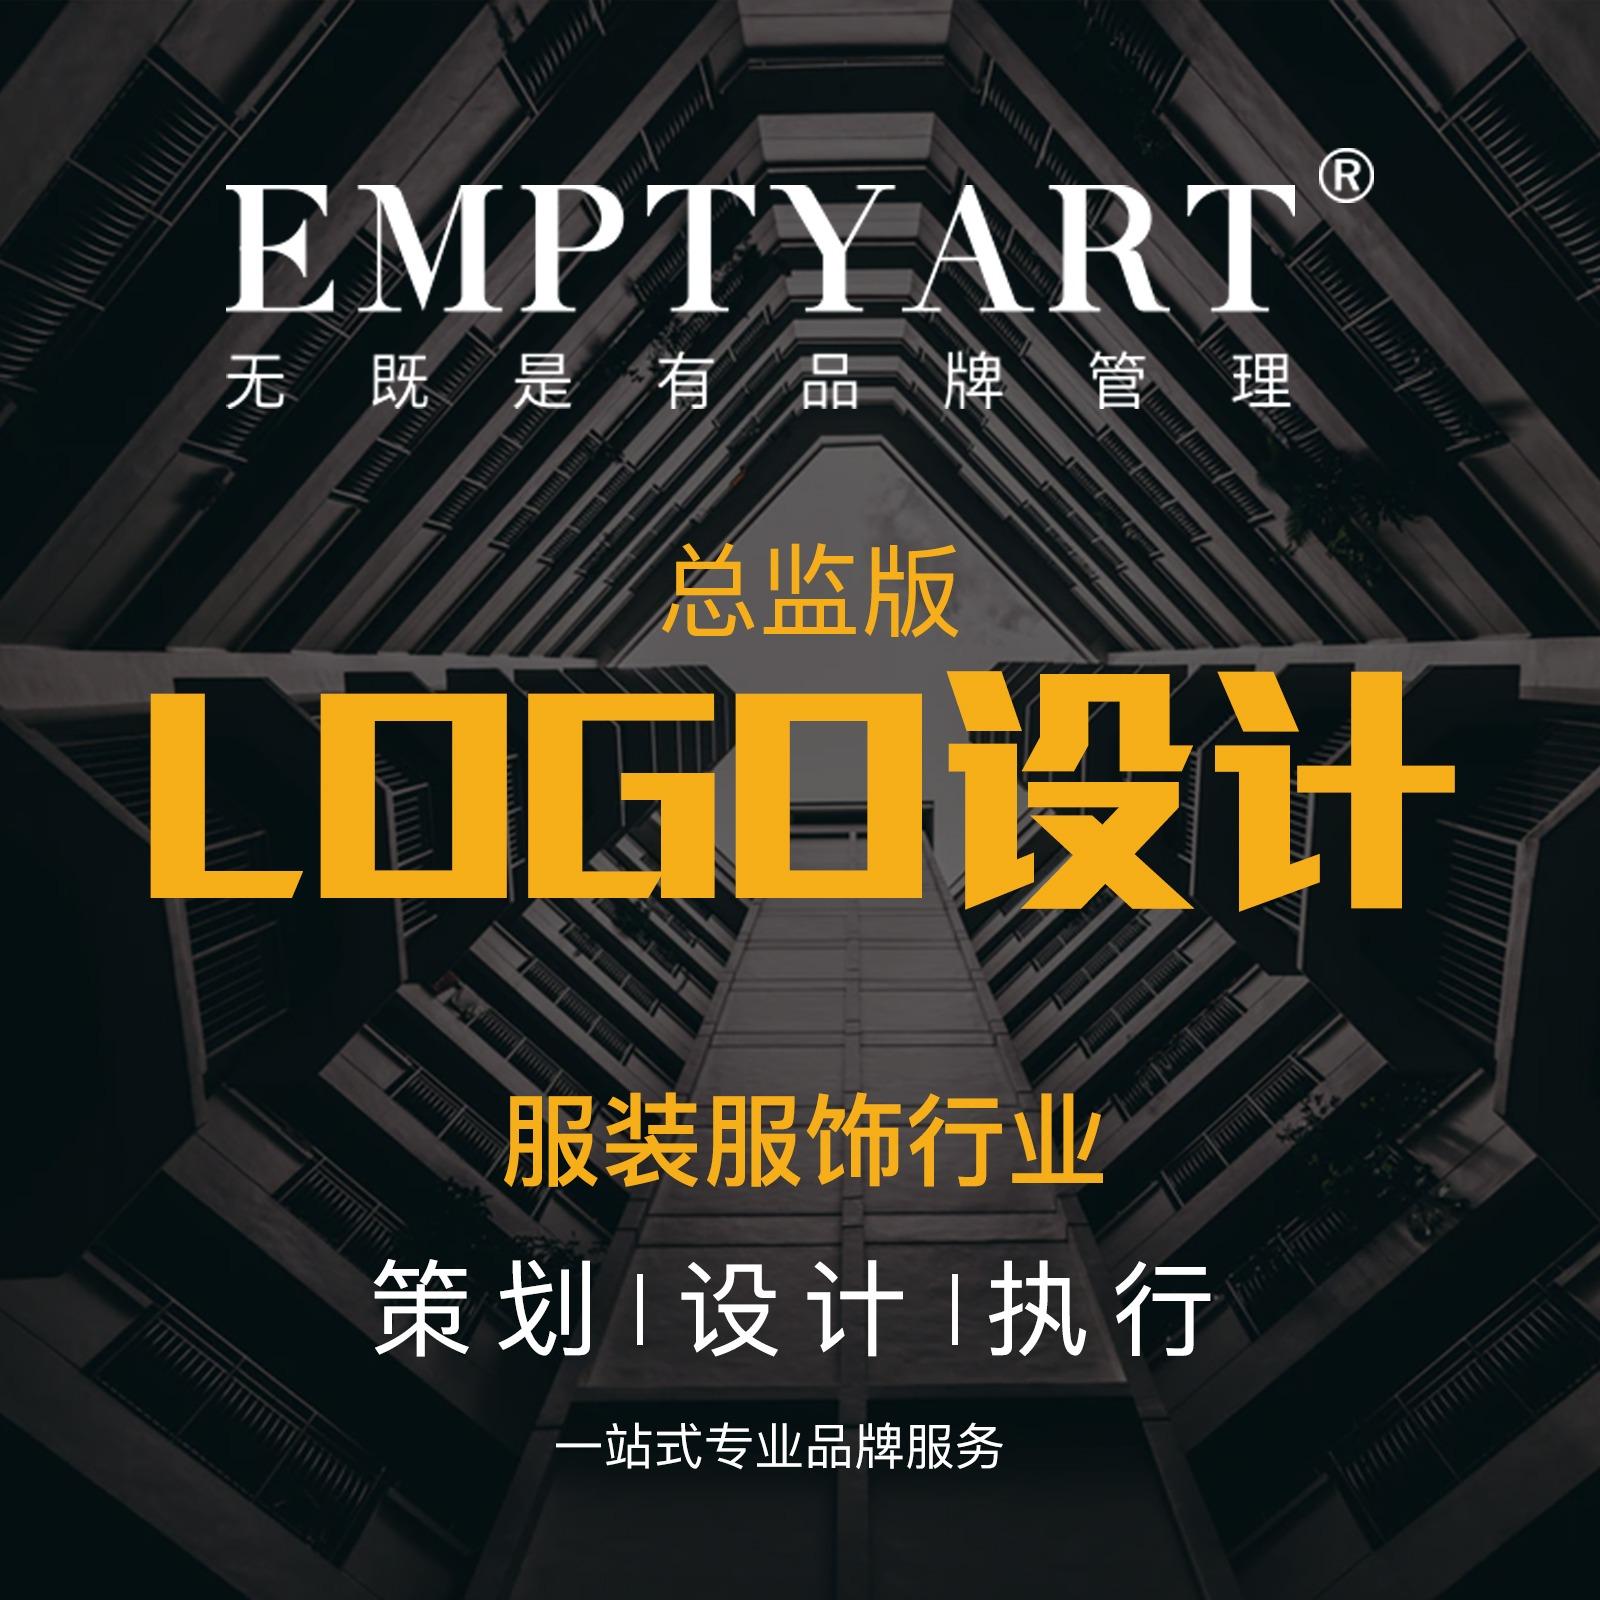 总监版服装服饰行业品牌<hl>logo设计</hl>原创标志商标<hl>LOGO</hl>图标